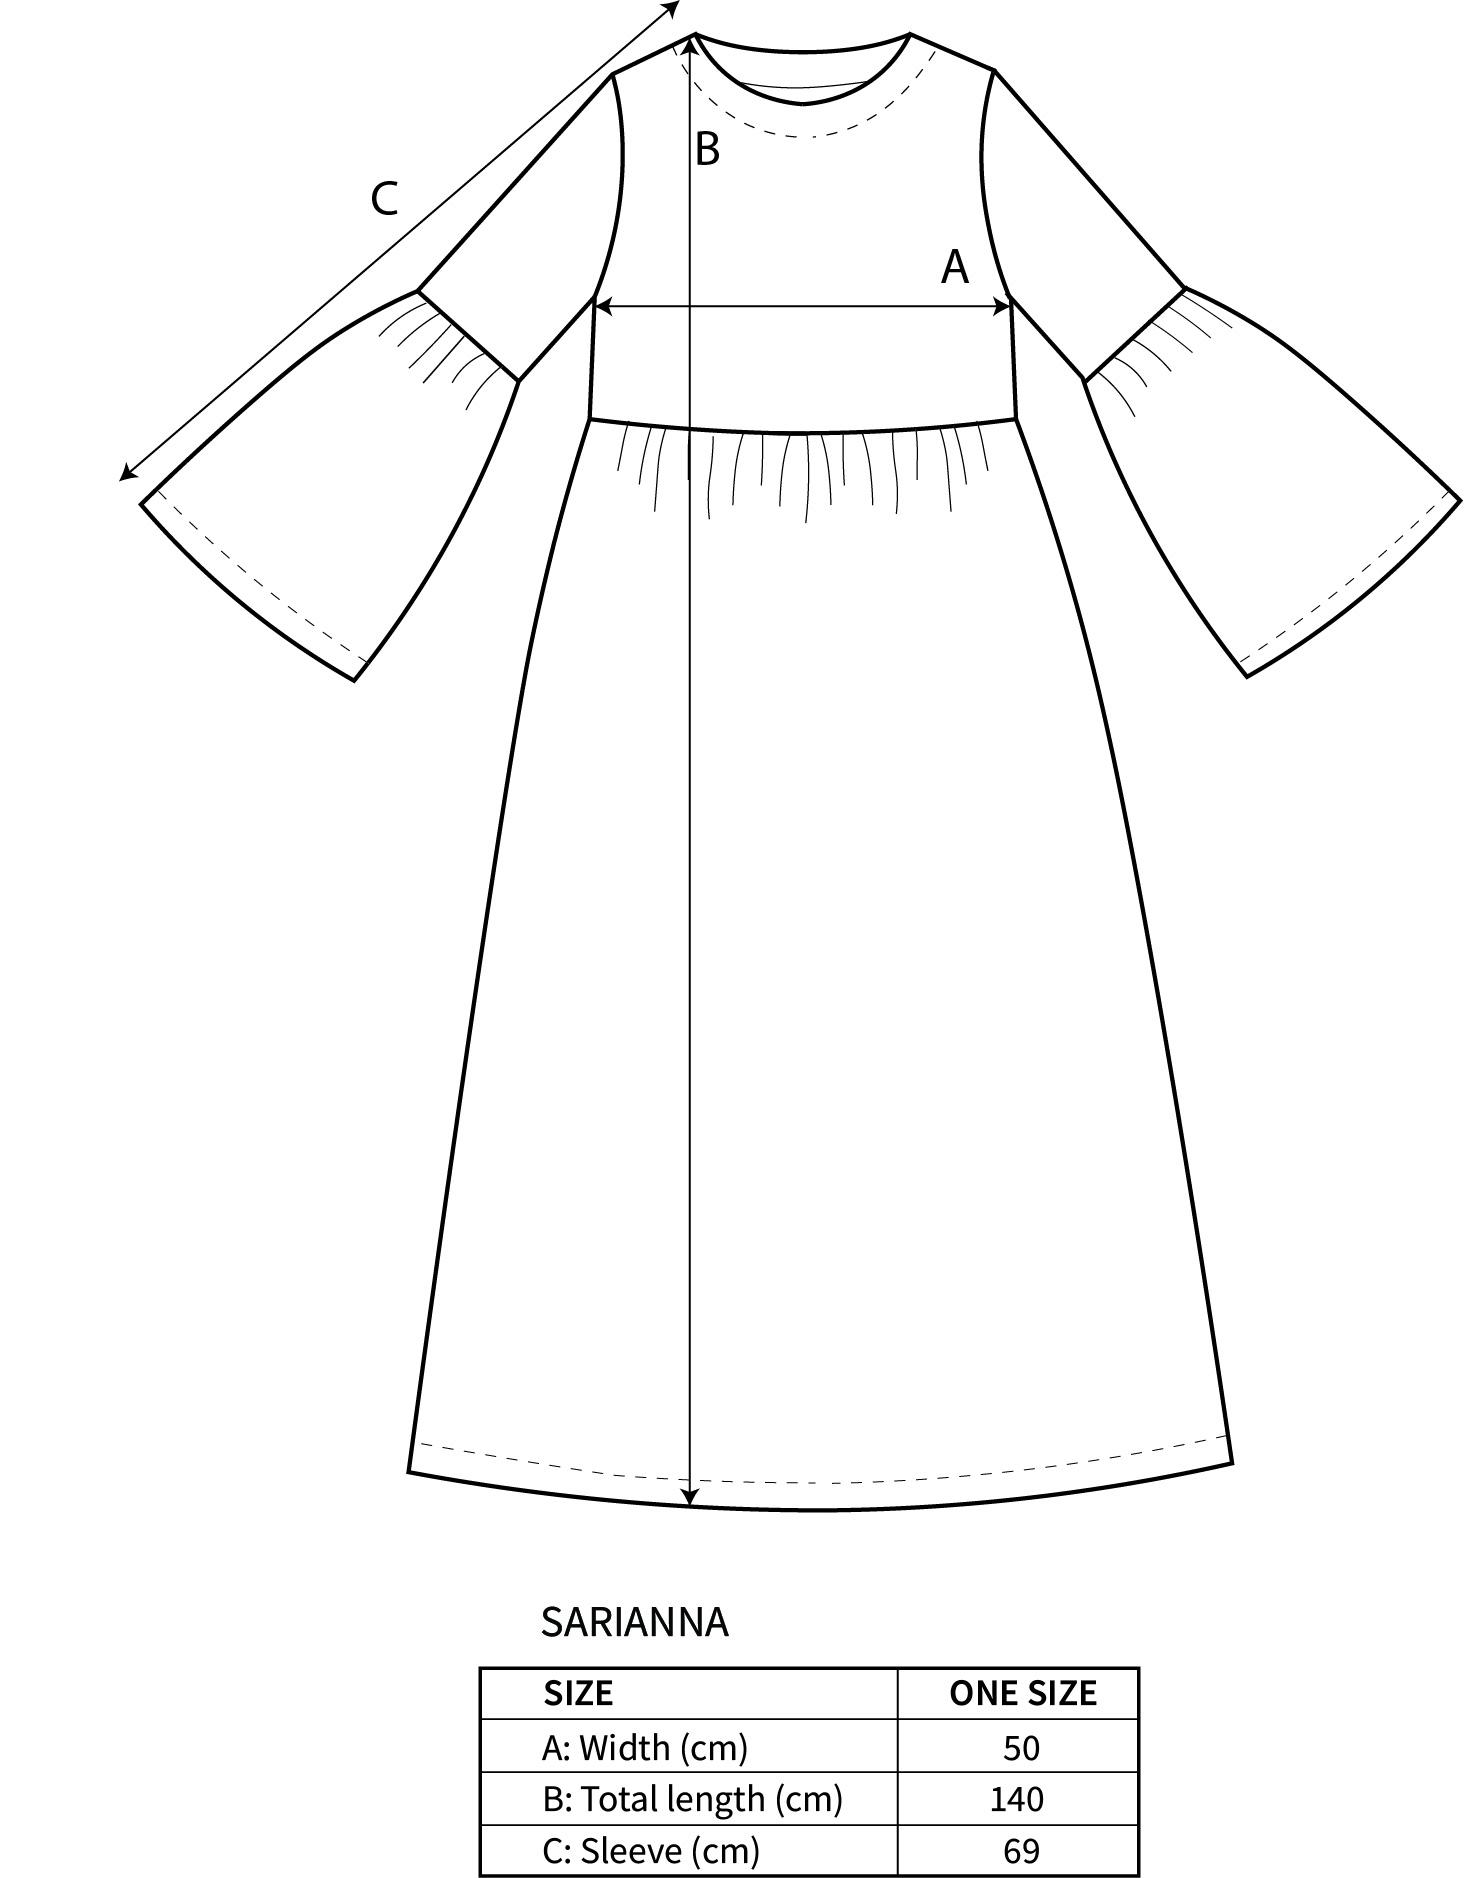 SARIANNA-mekko